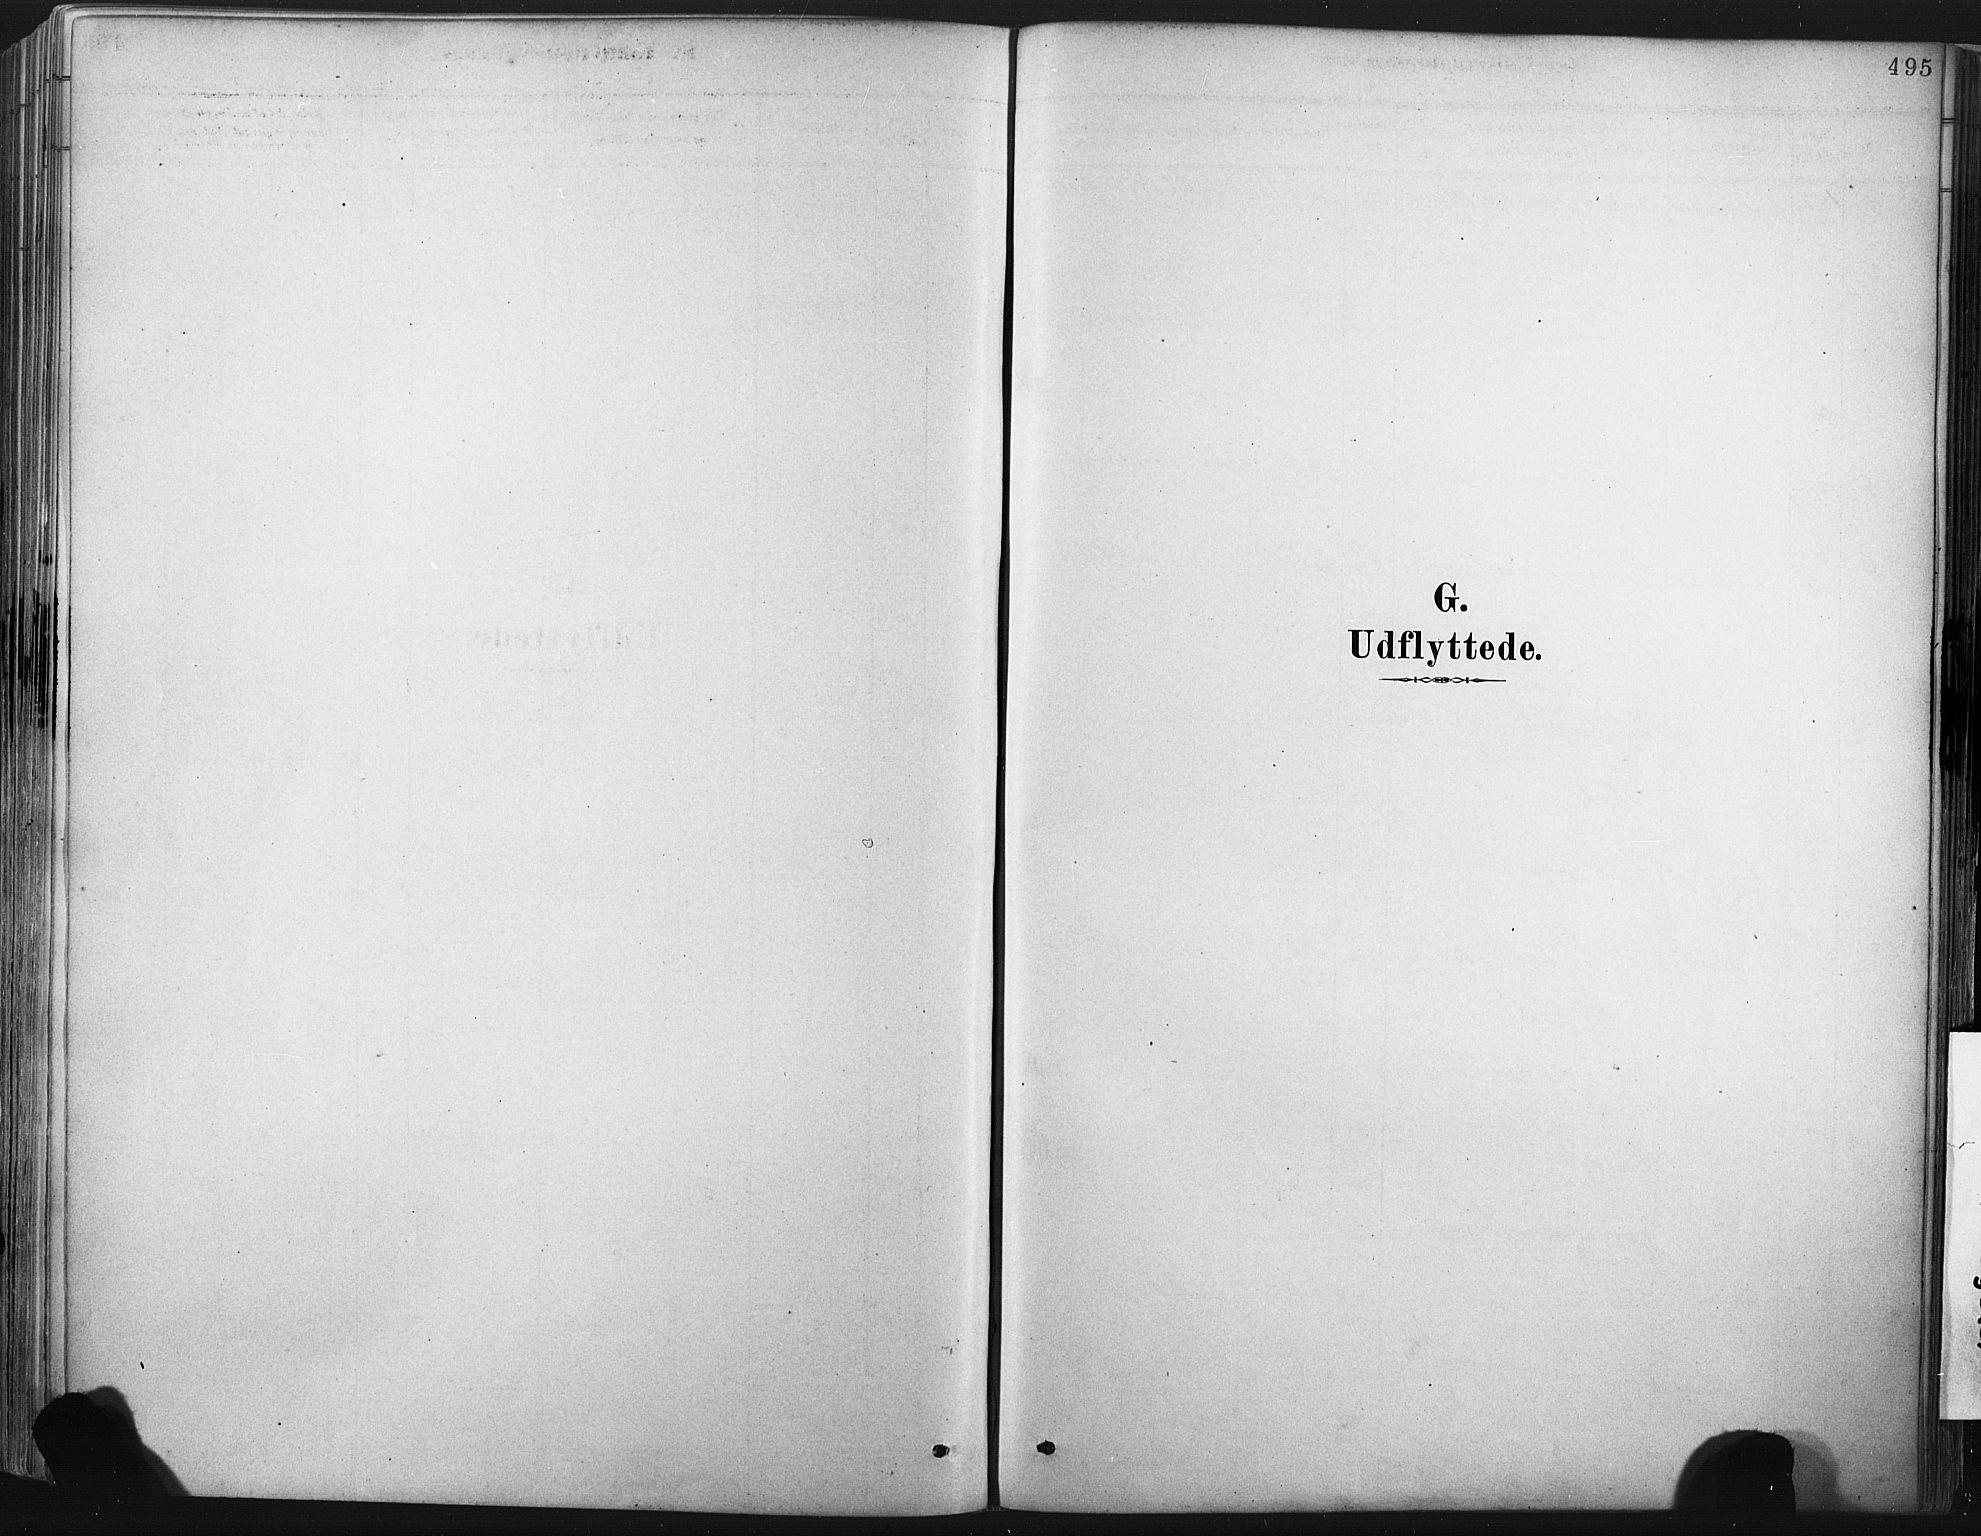 SAKO, Porsgrunn kirkebøker , F/Fa/L0008: Ministerialbok nr. 8, 1878-1895, s. 495